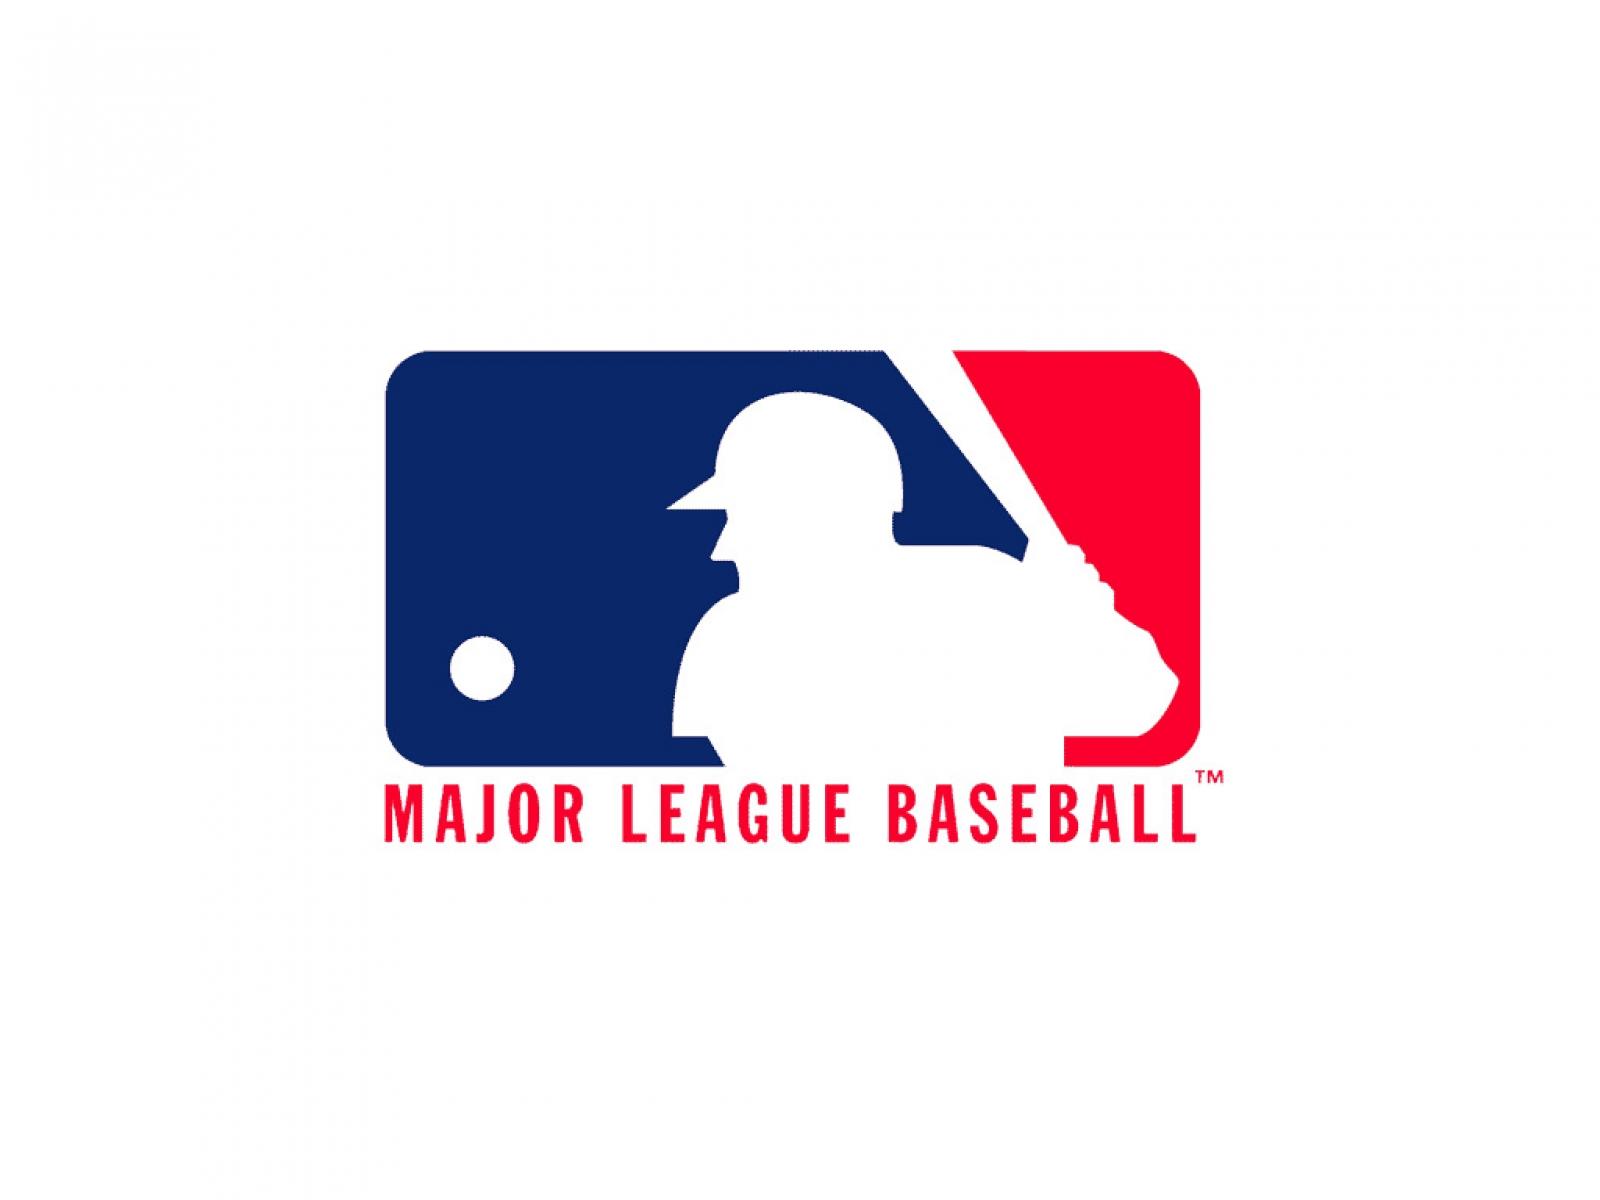 major league baseball logos Quotes 1600x1200